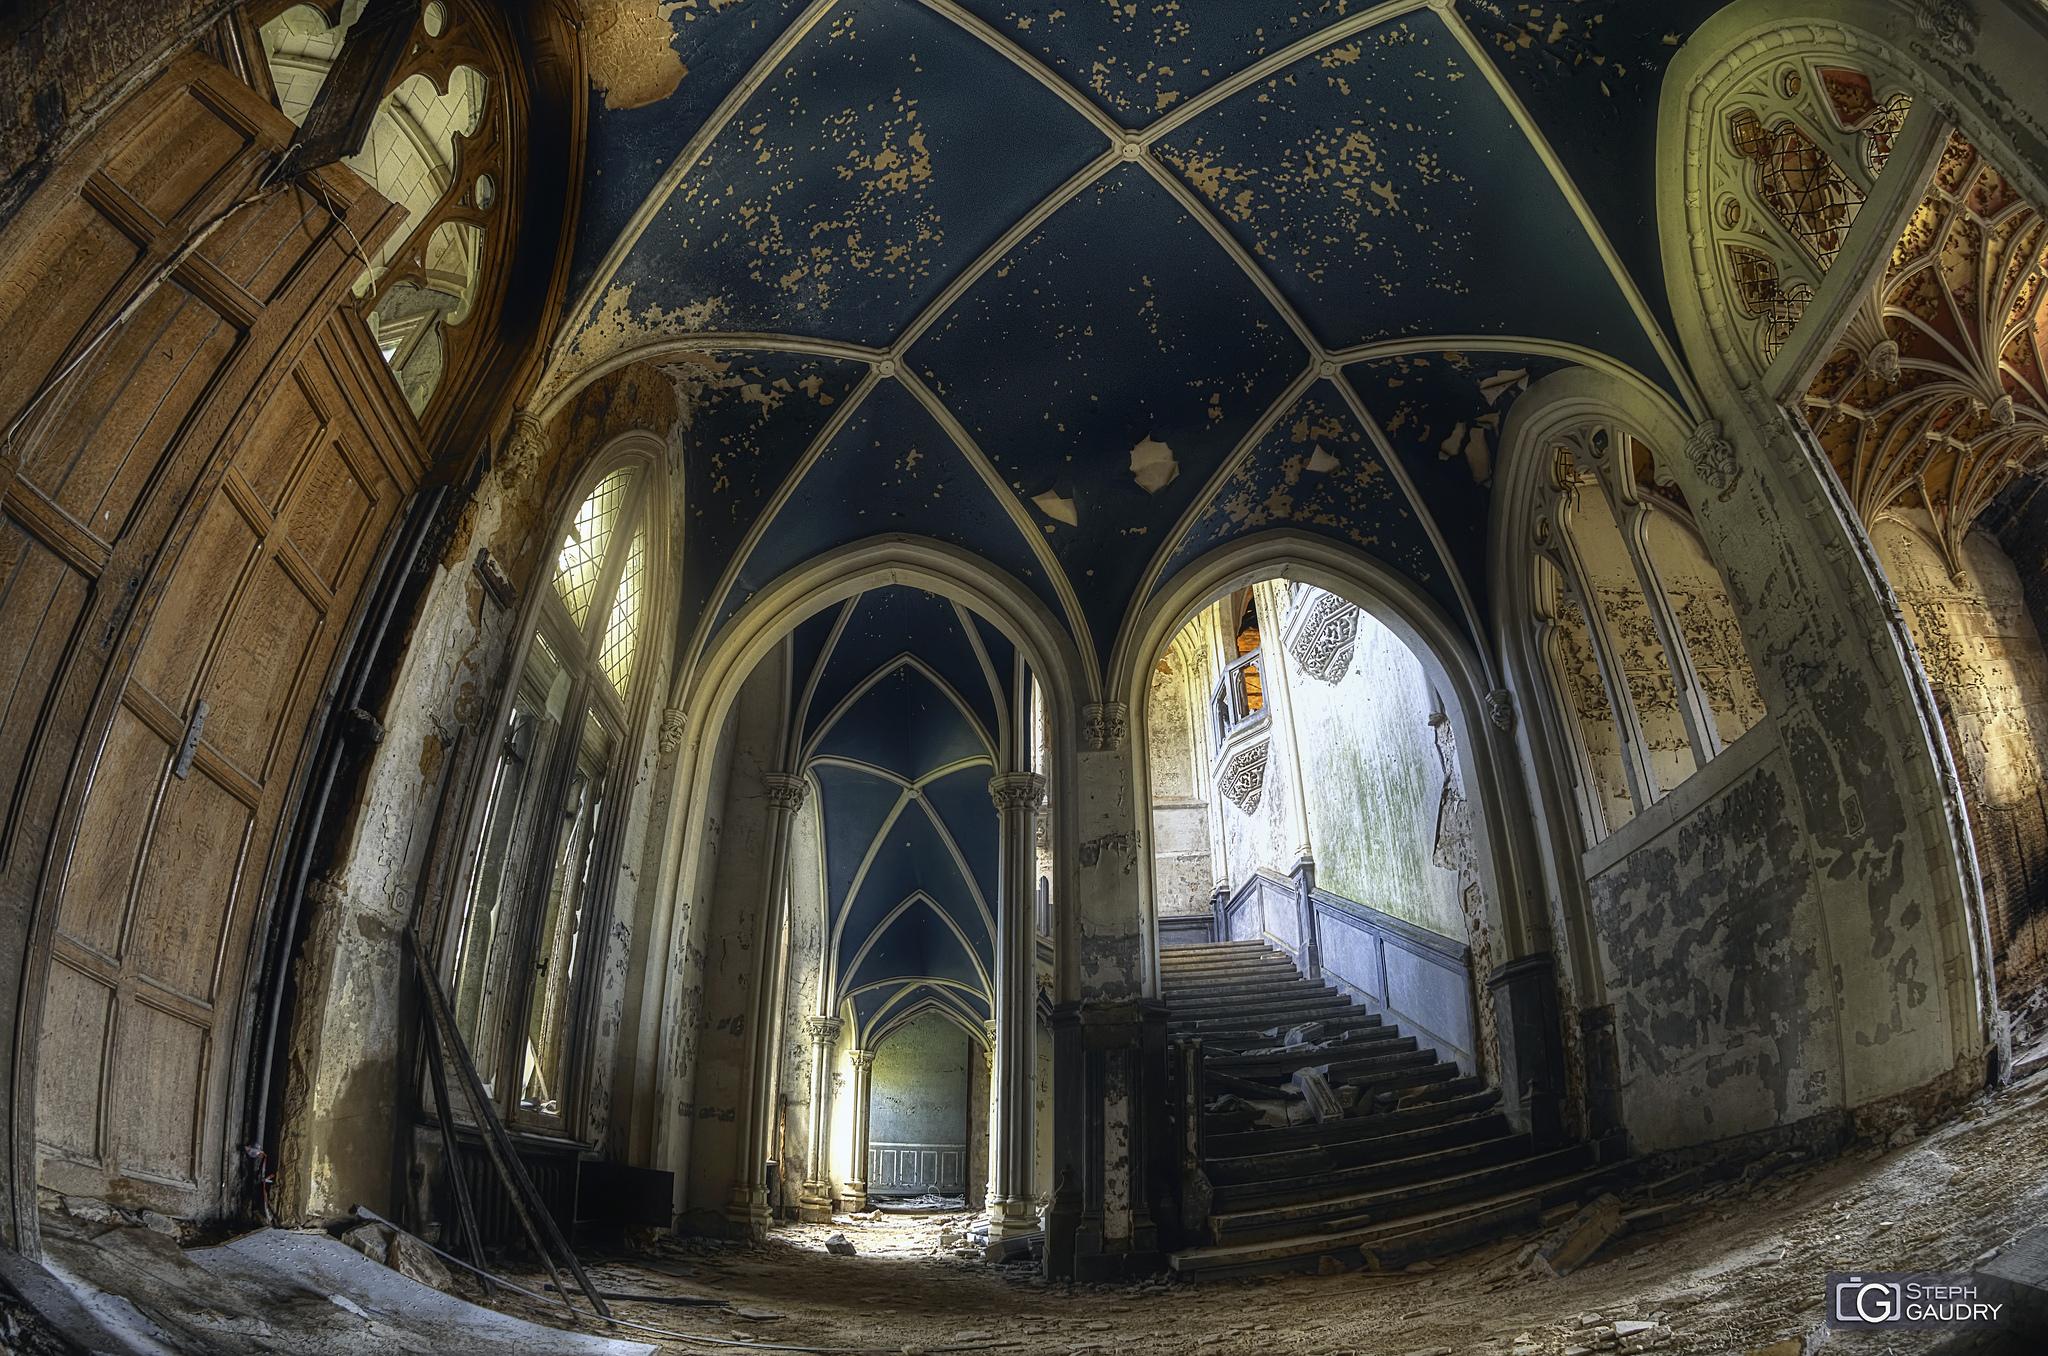 Noisy - le plafond bleu de l'entrée [Click to start slideshow]